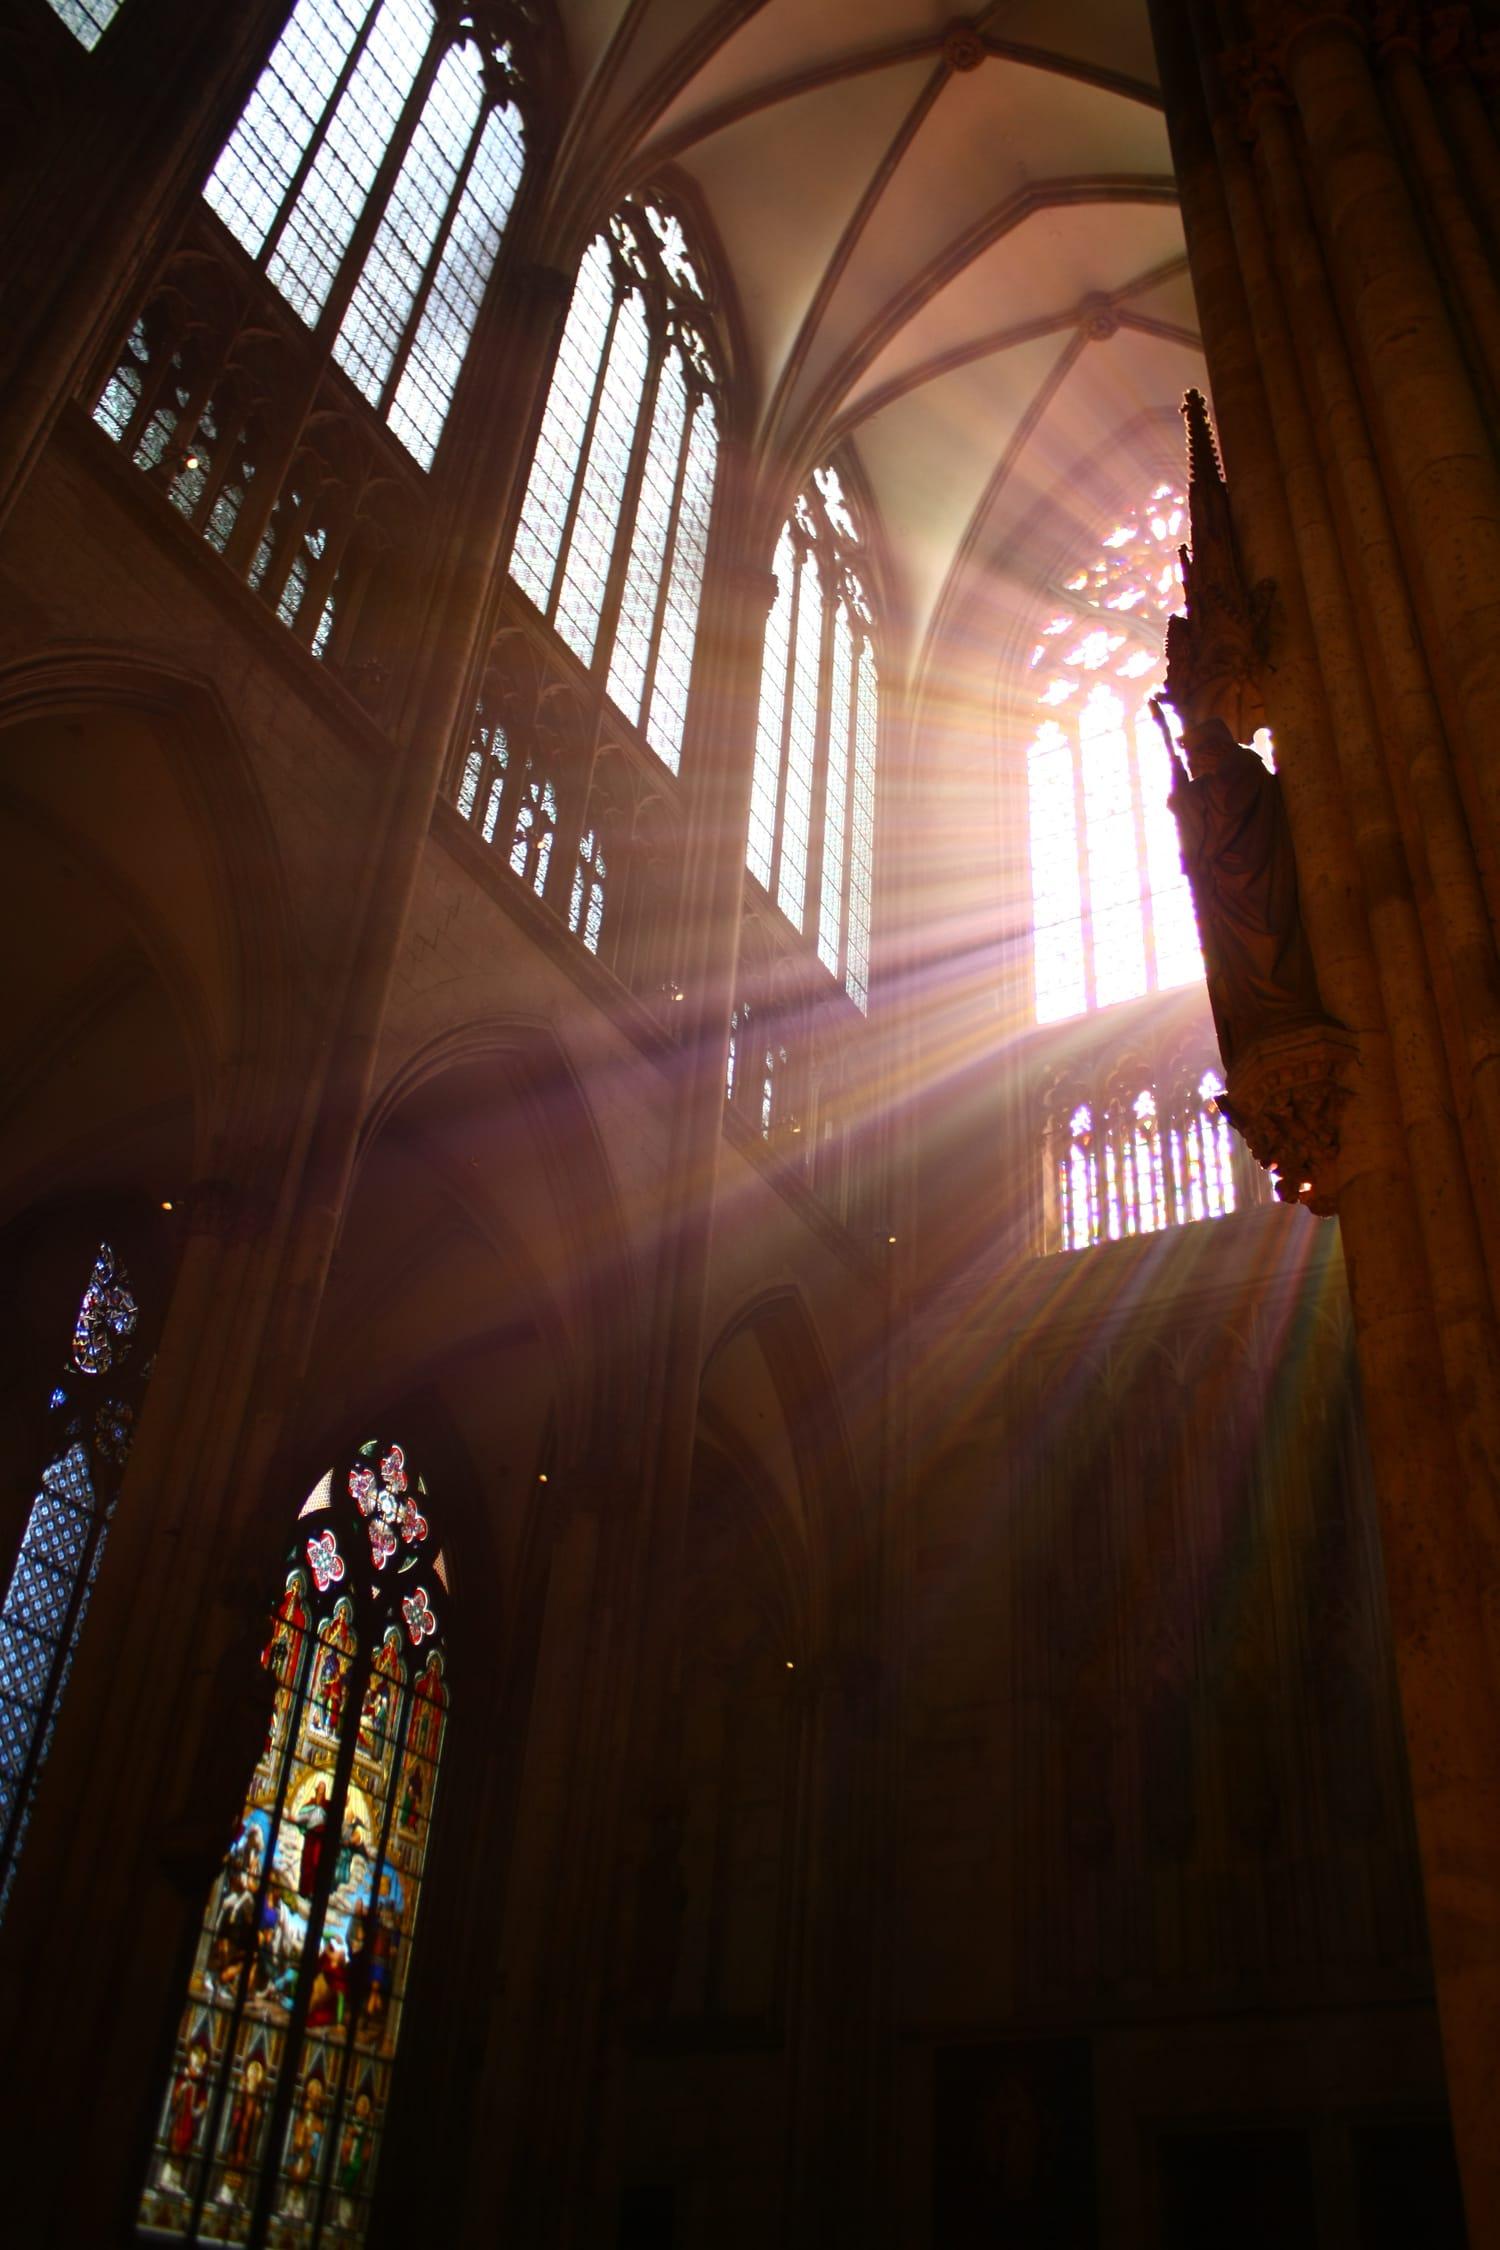 fotografía luz abundante en una iglesia